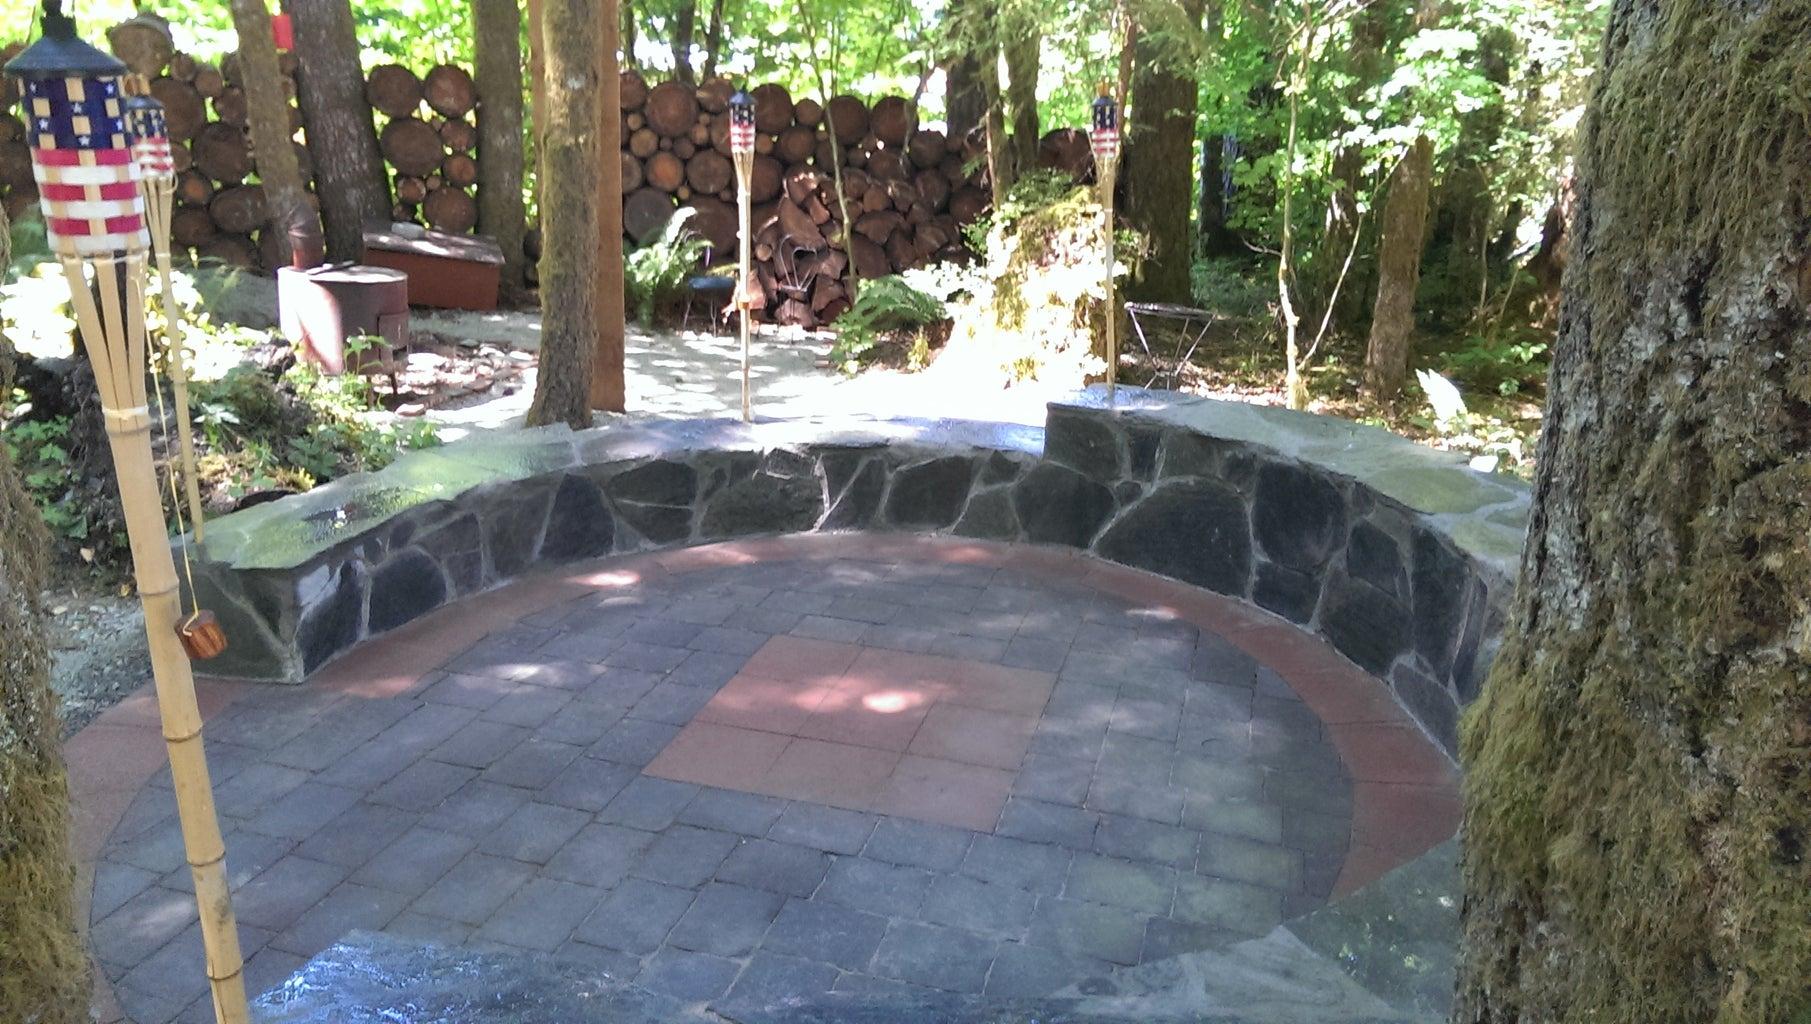 6. Mortar the Slate Stones to the Masonry Block Wall